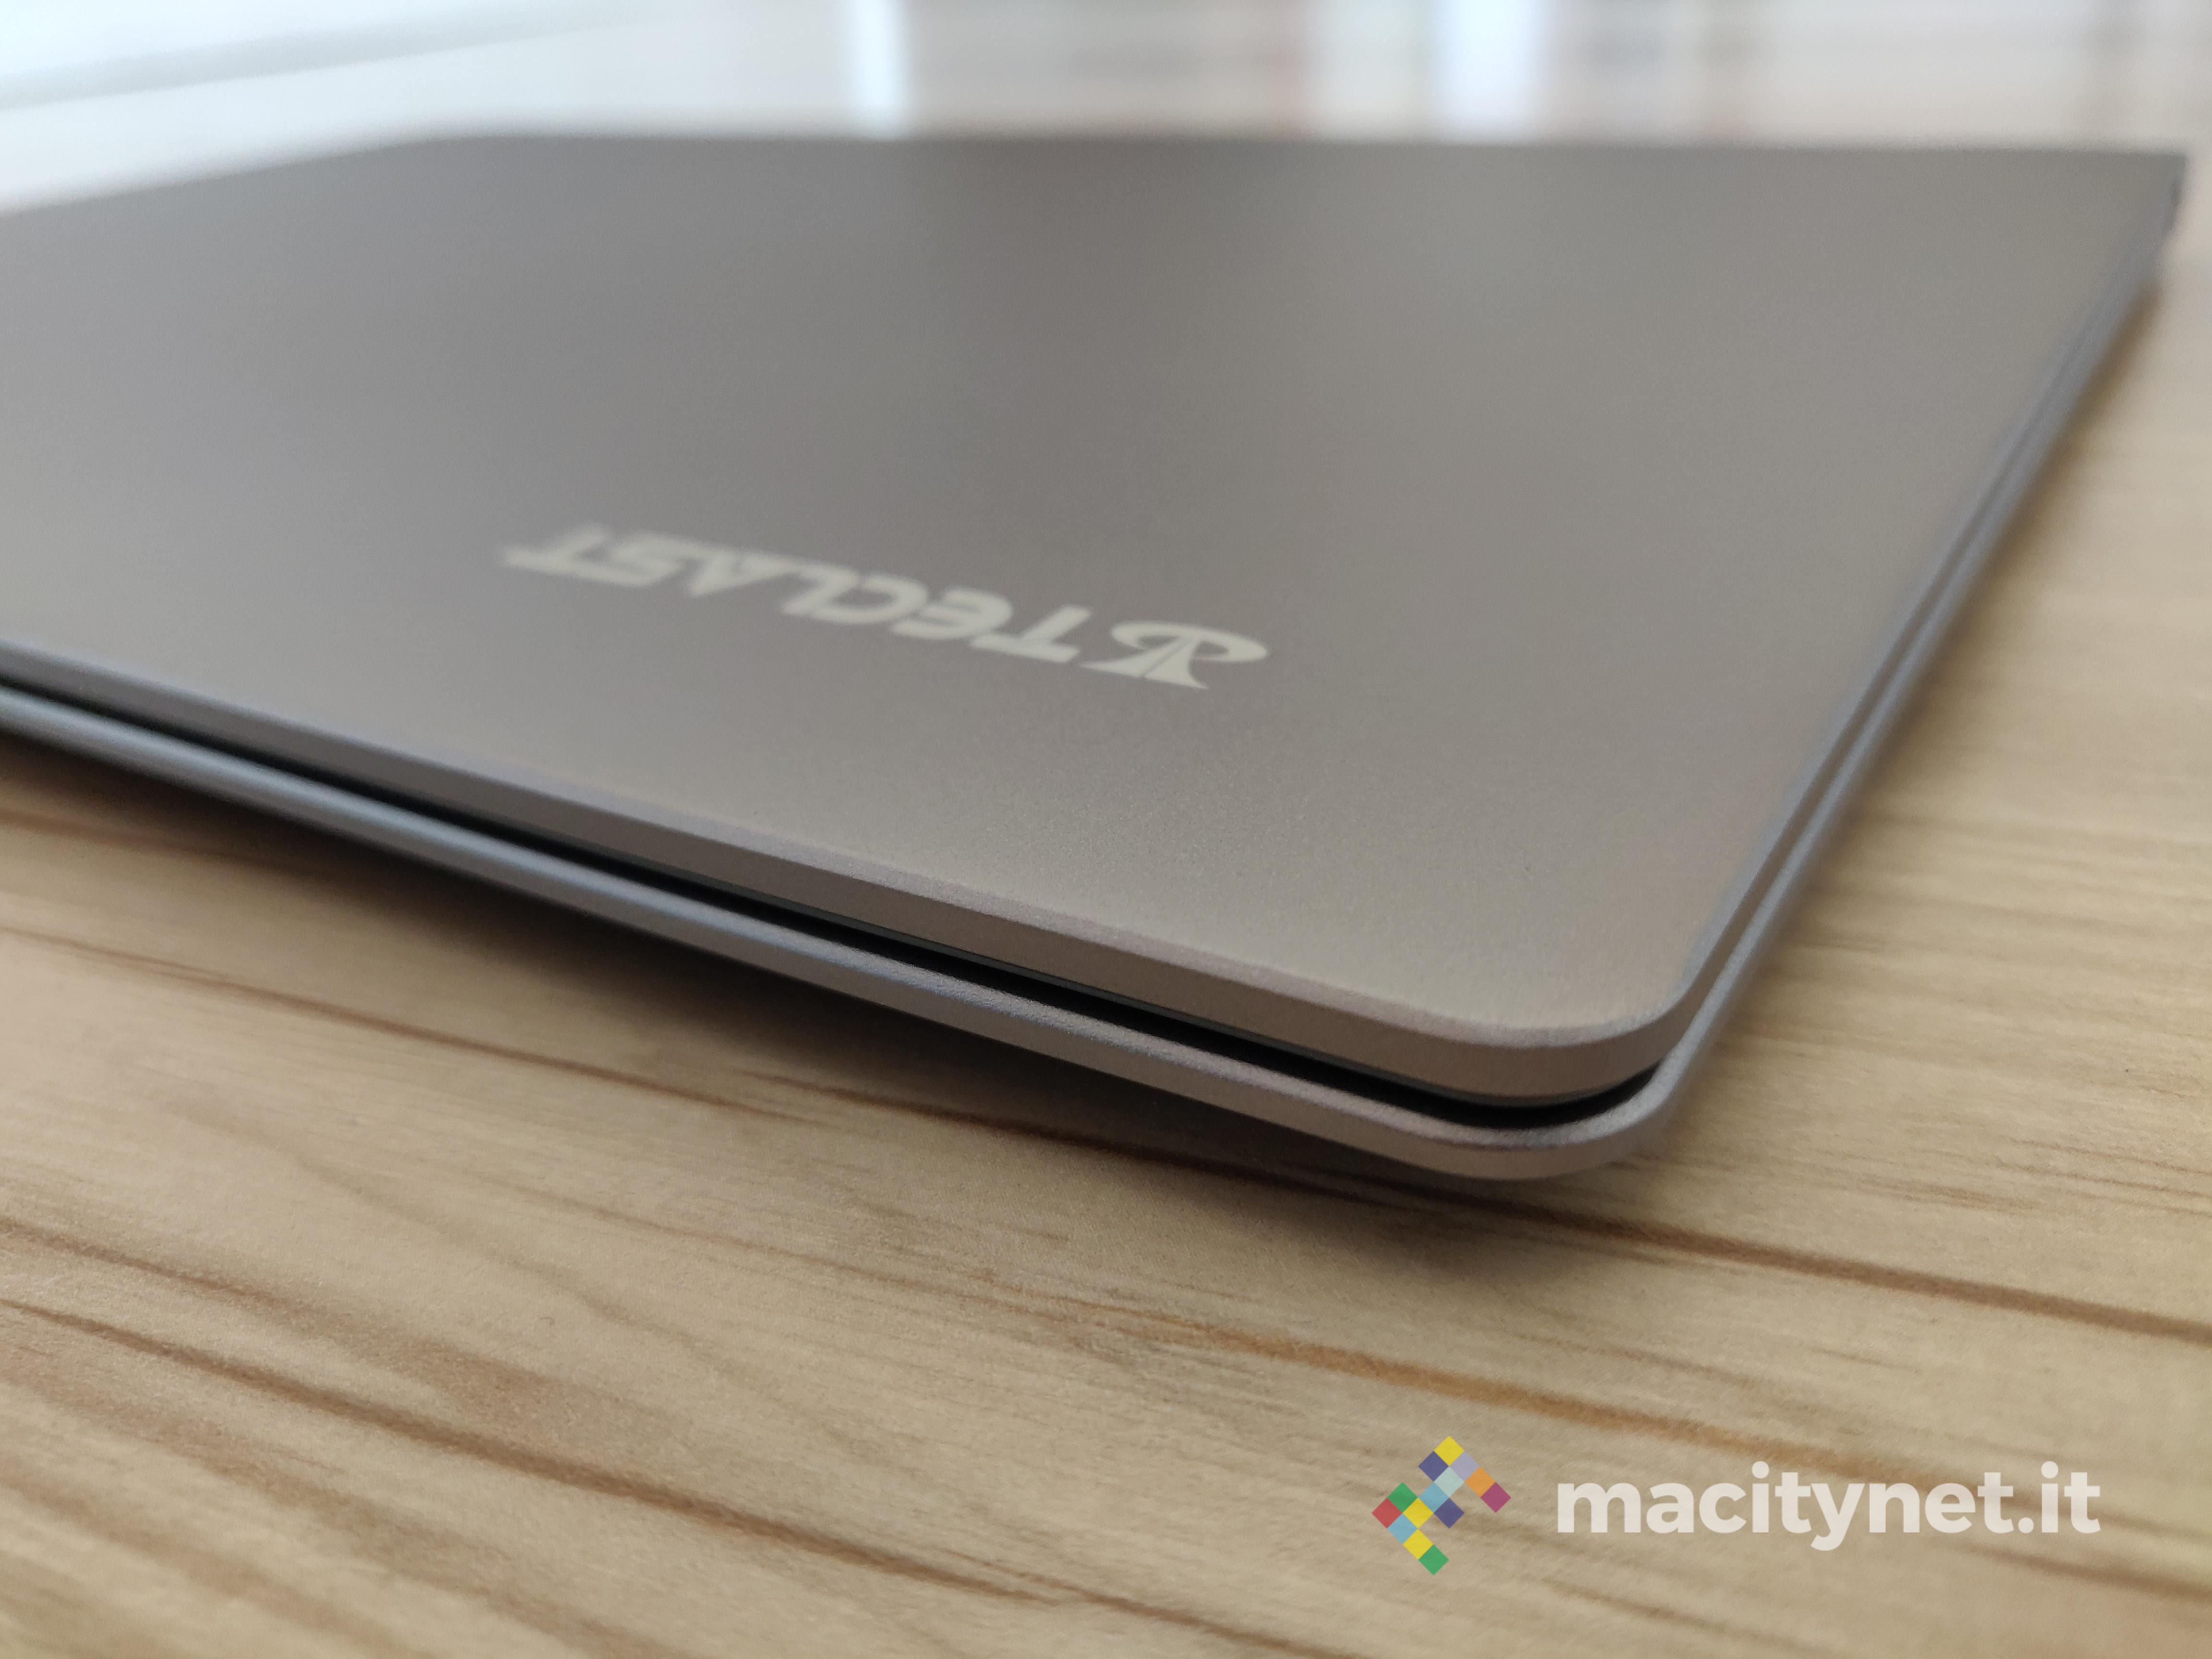 Recensione Teclast F15, l'ultrabook con un tackpad chilometrico